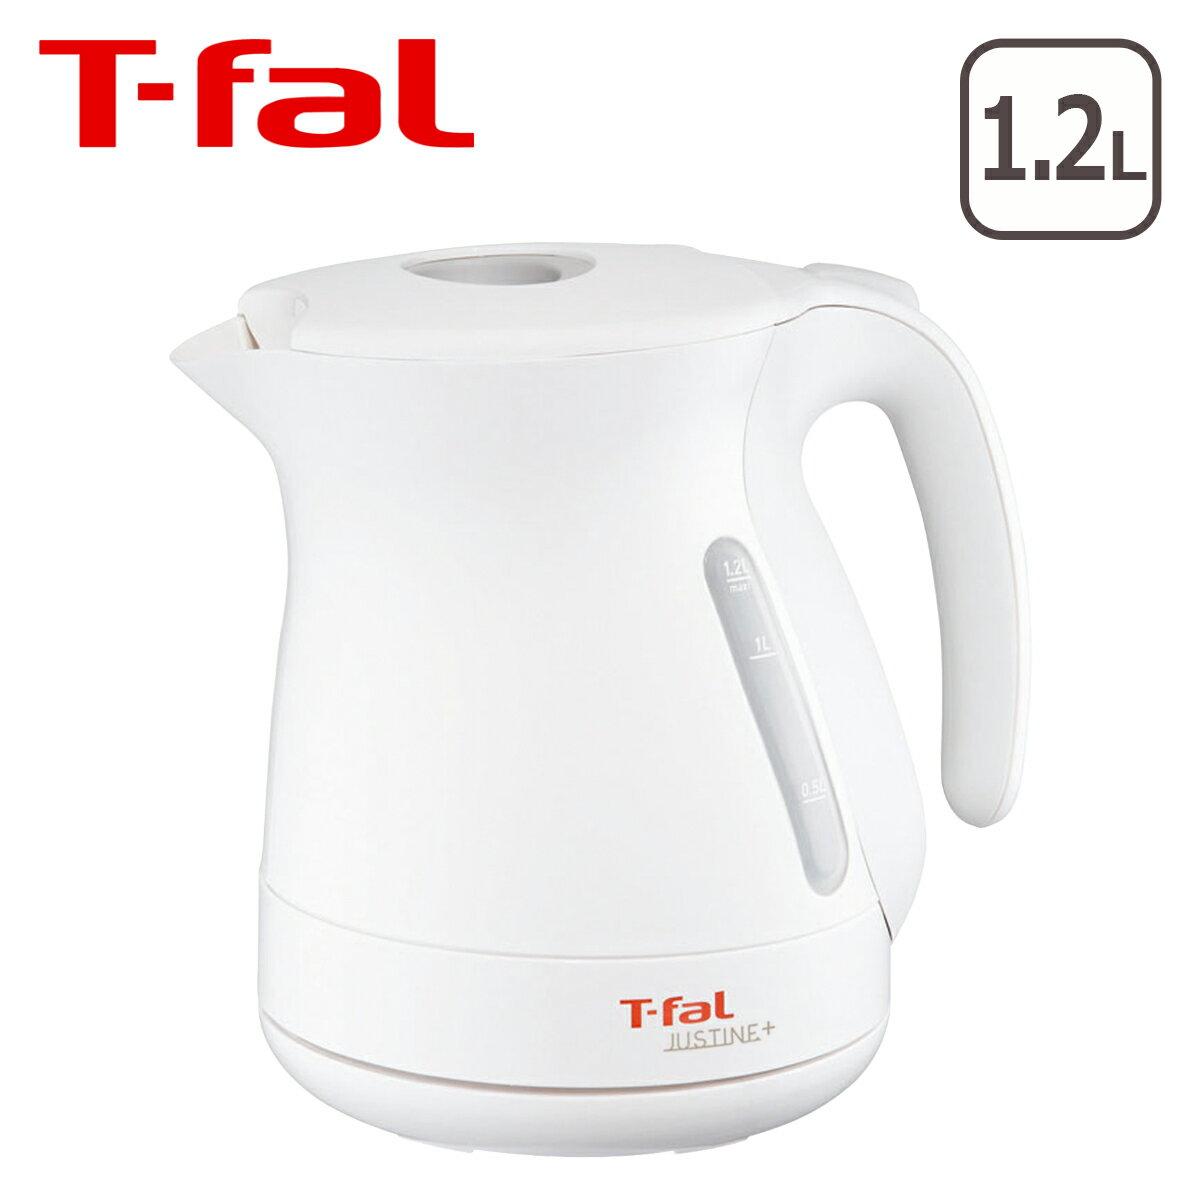 ティファール 電気ケトル ジャスティン プラス ホワイト 1.2L KO340175 T-fal